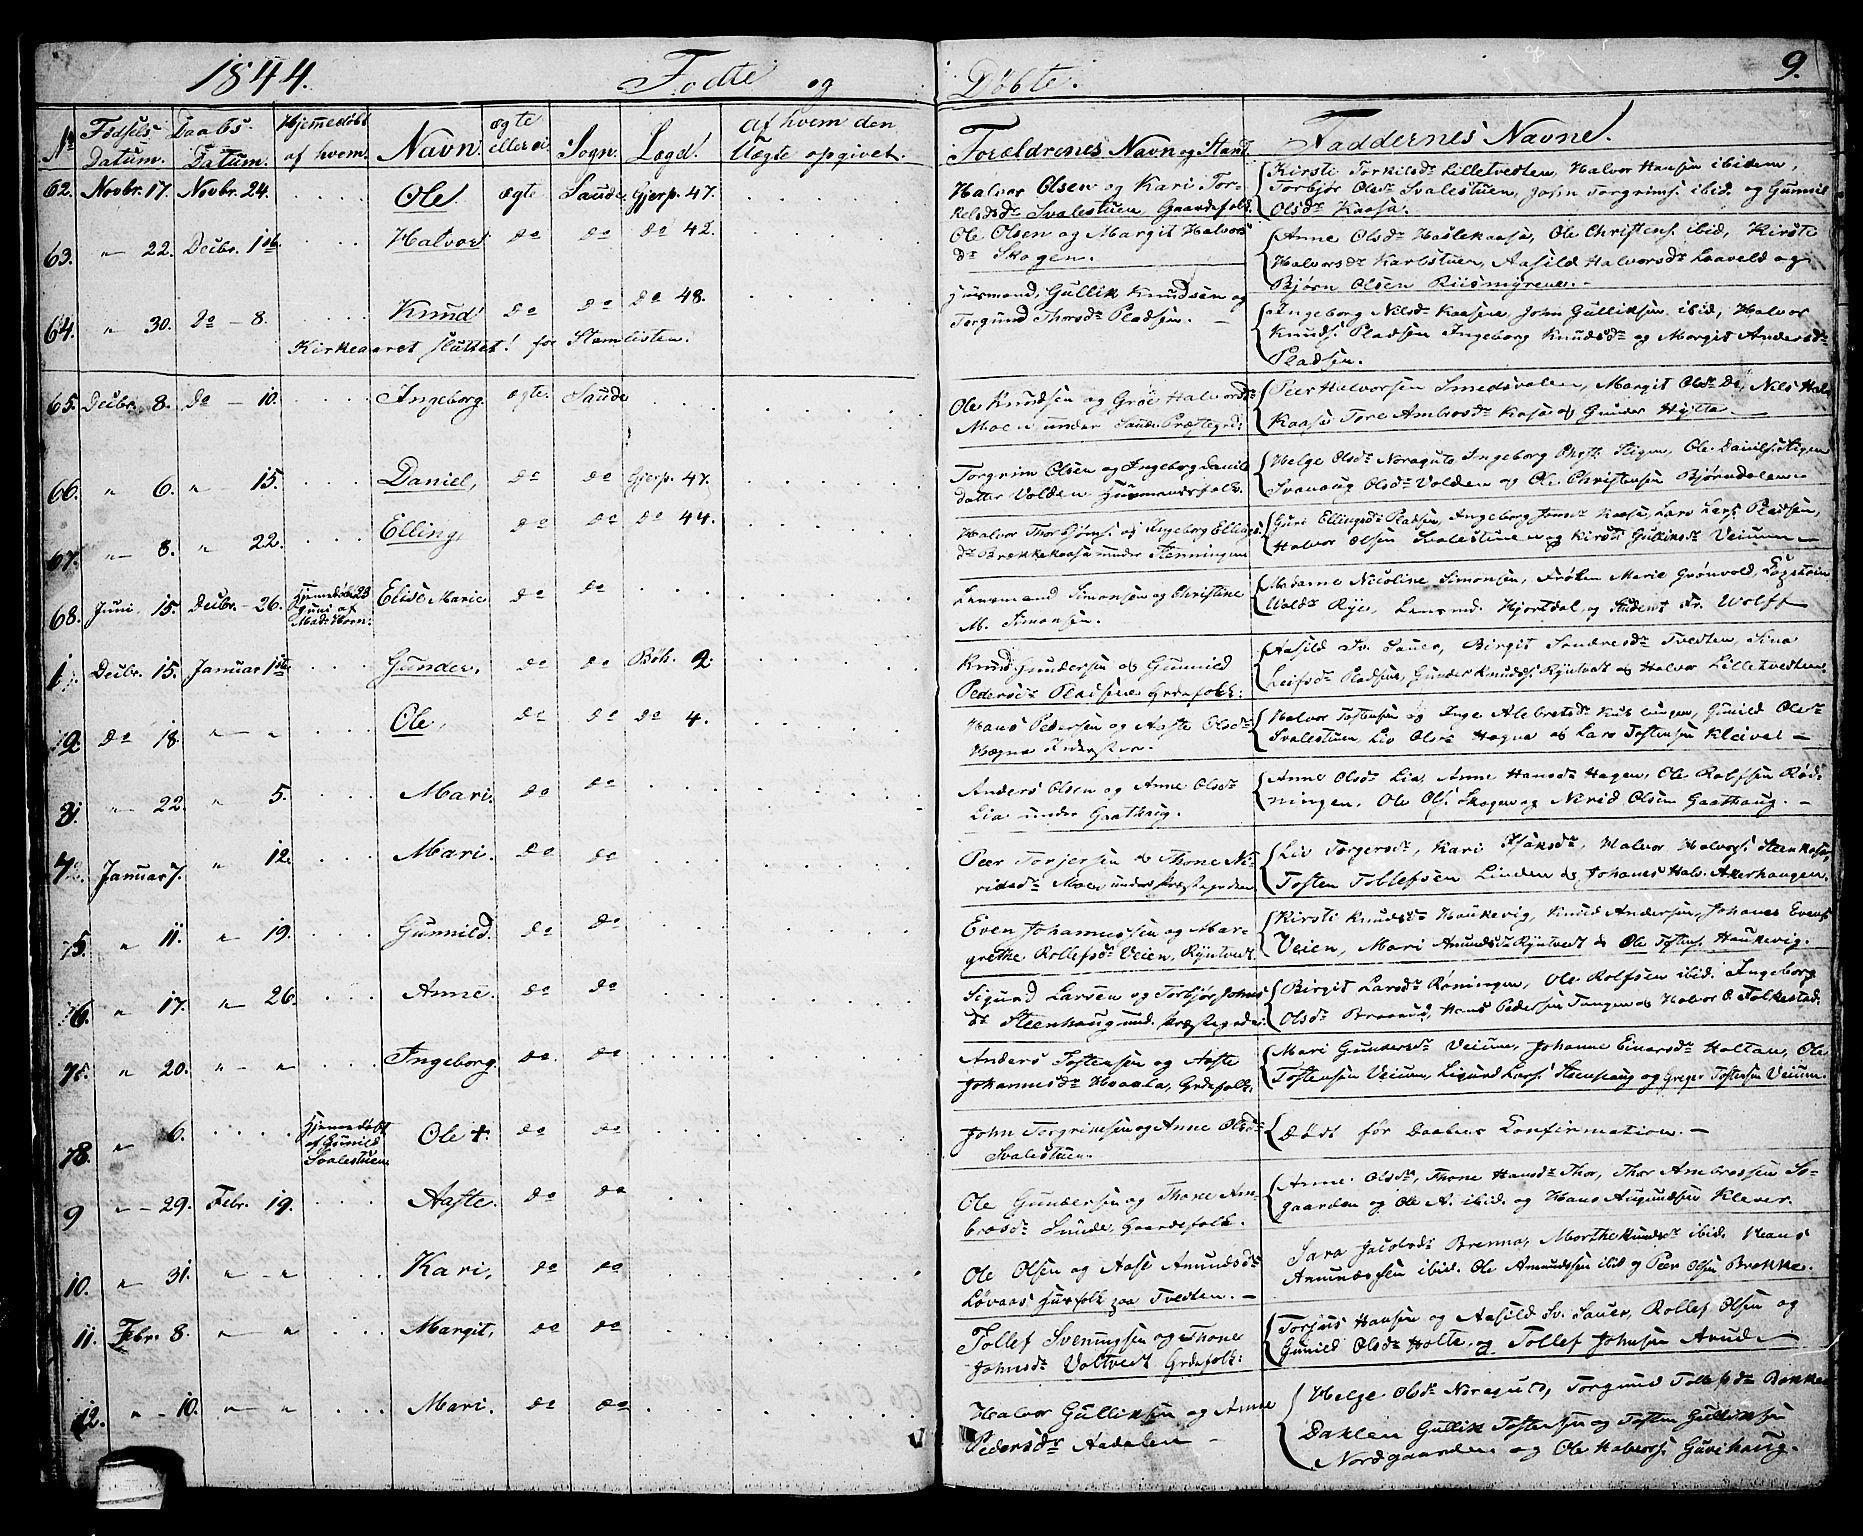 SAKO, Sauherad kirkebøker, G/Ga/L0002: Klokkerbok nr. I 2, 1842-1866, s. 9